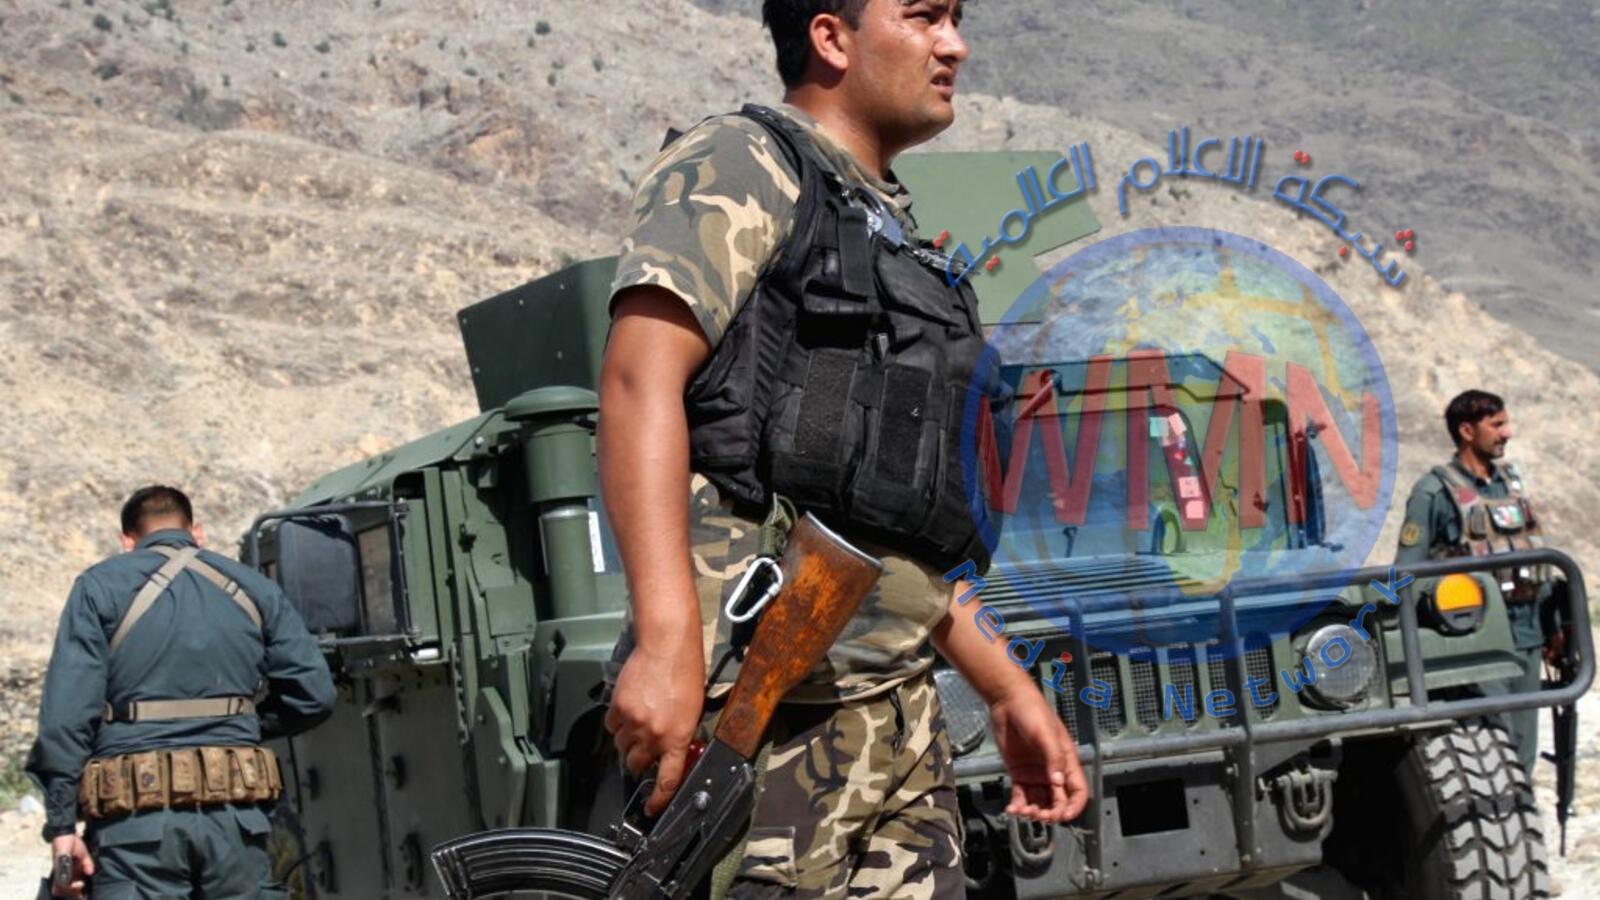 12 قتيلا معظمهم نساء واطفال بانفجار شمال افغانستان